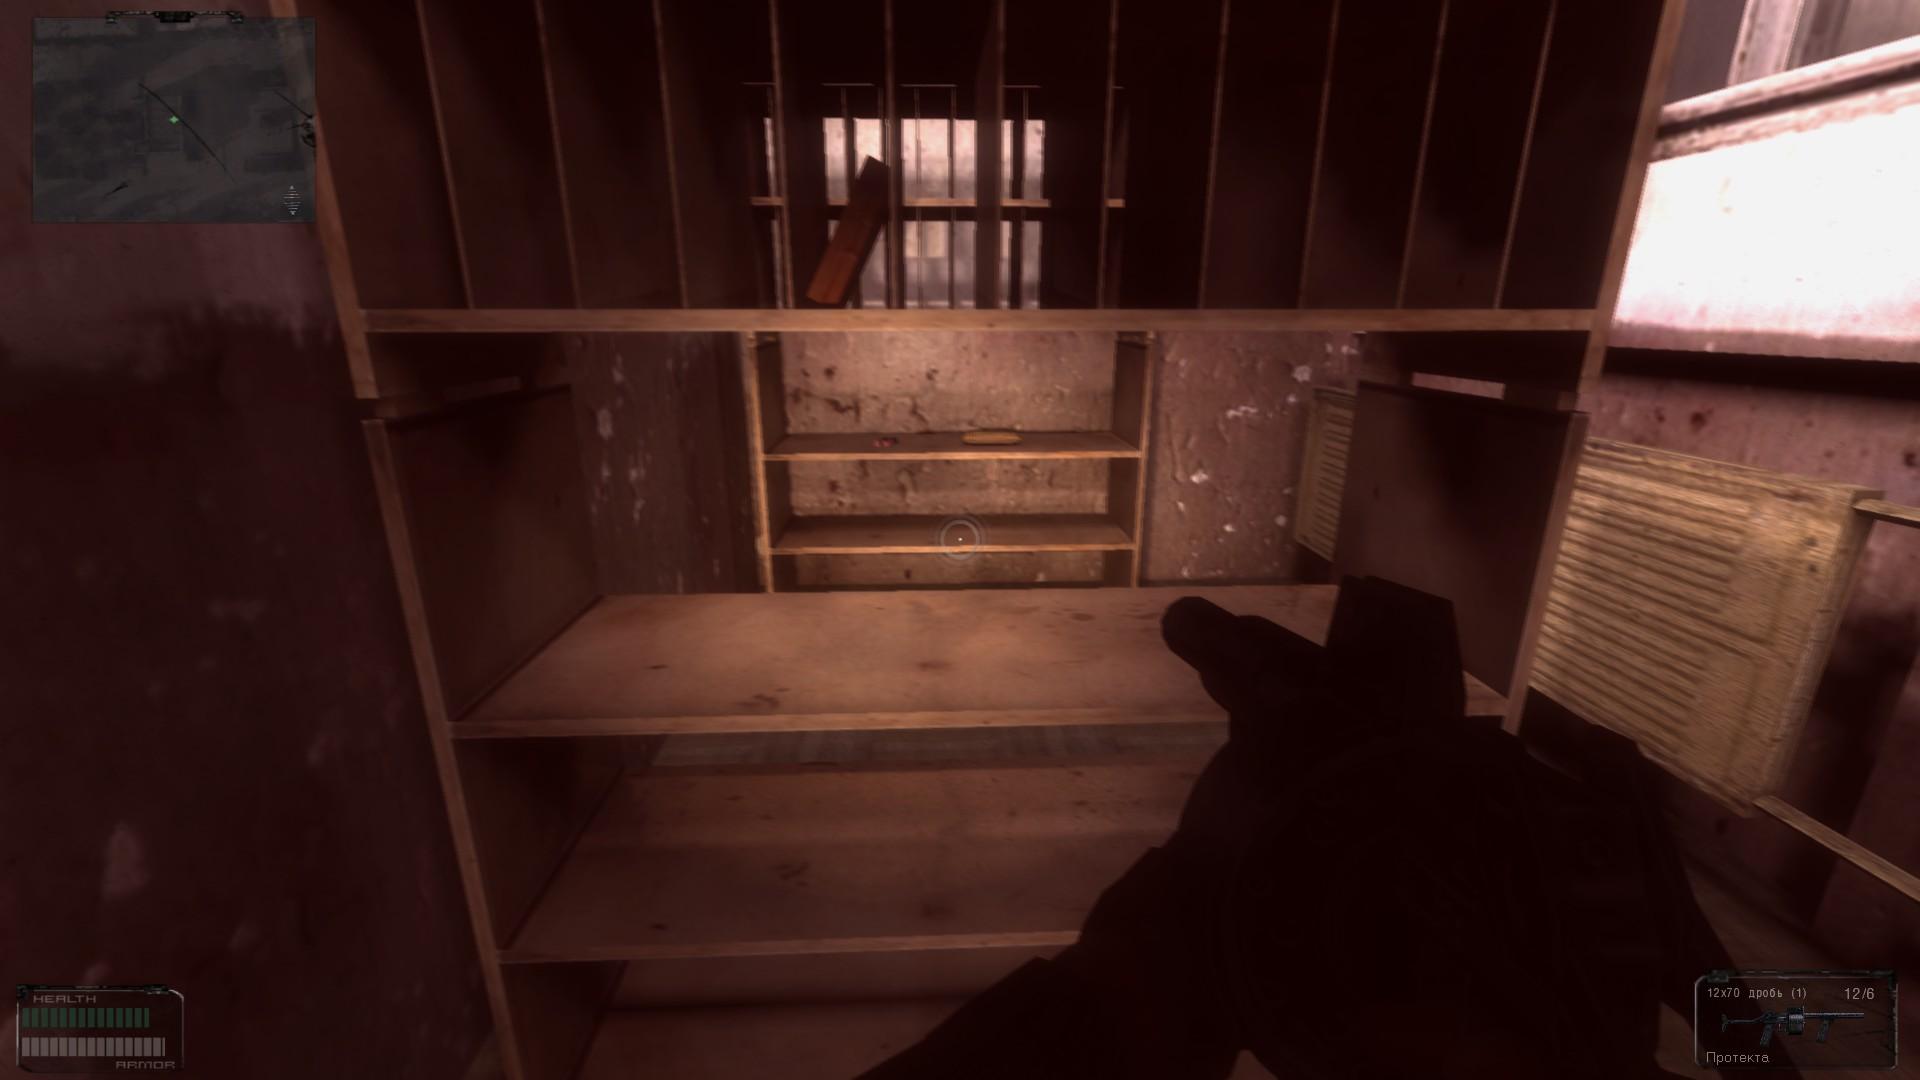 Oblivion Lost Remake 2.5 image 332